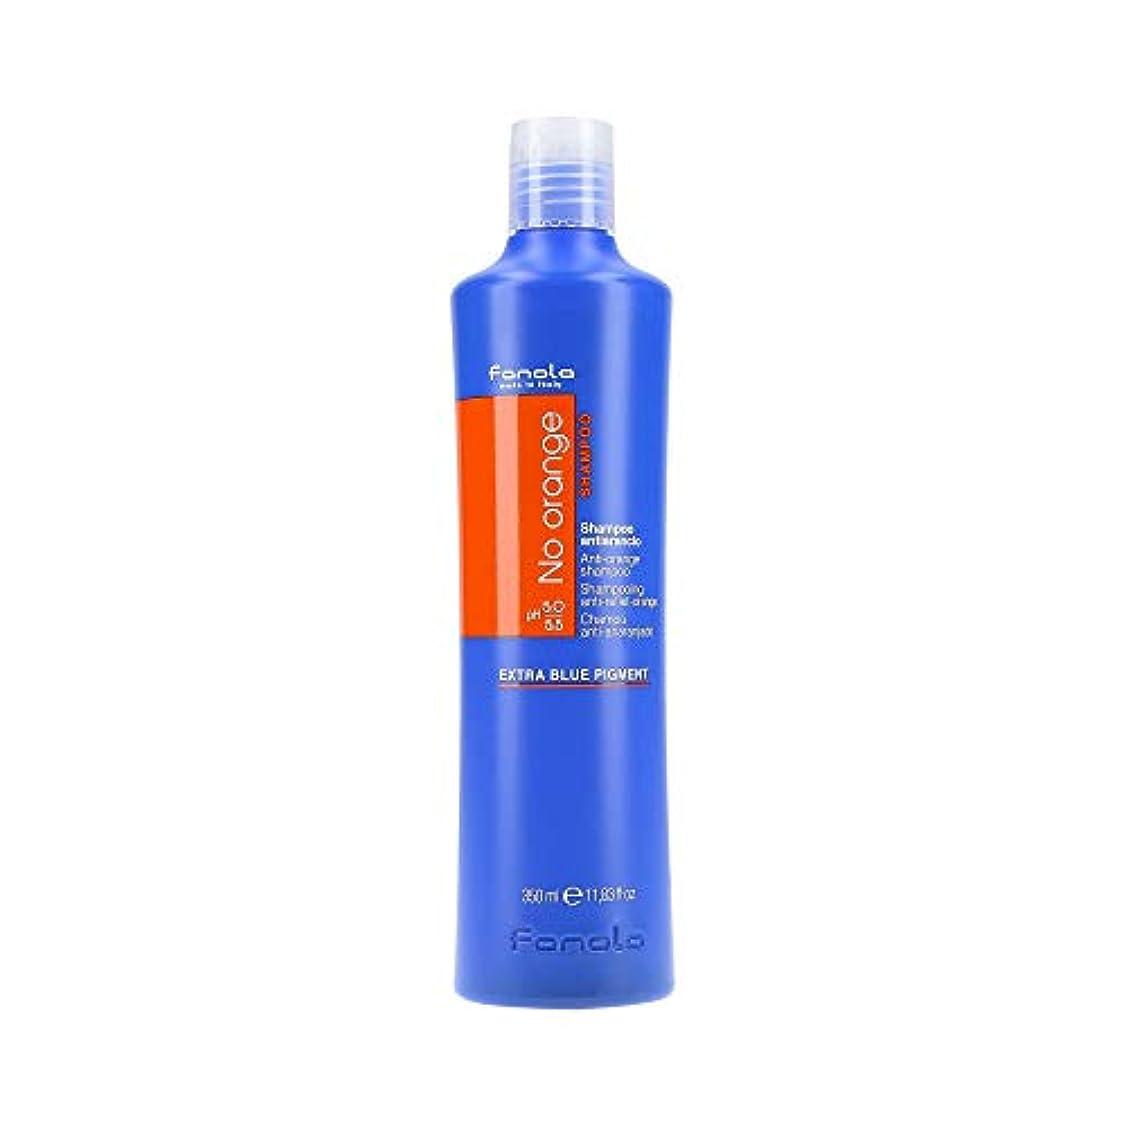 慈悲深いの気分が悪いファノラ ノー オレンジ シャンプー Fanola No orange Shampoo - Anti-orange Shampoo 350 ml [並行輸入品]